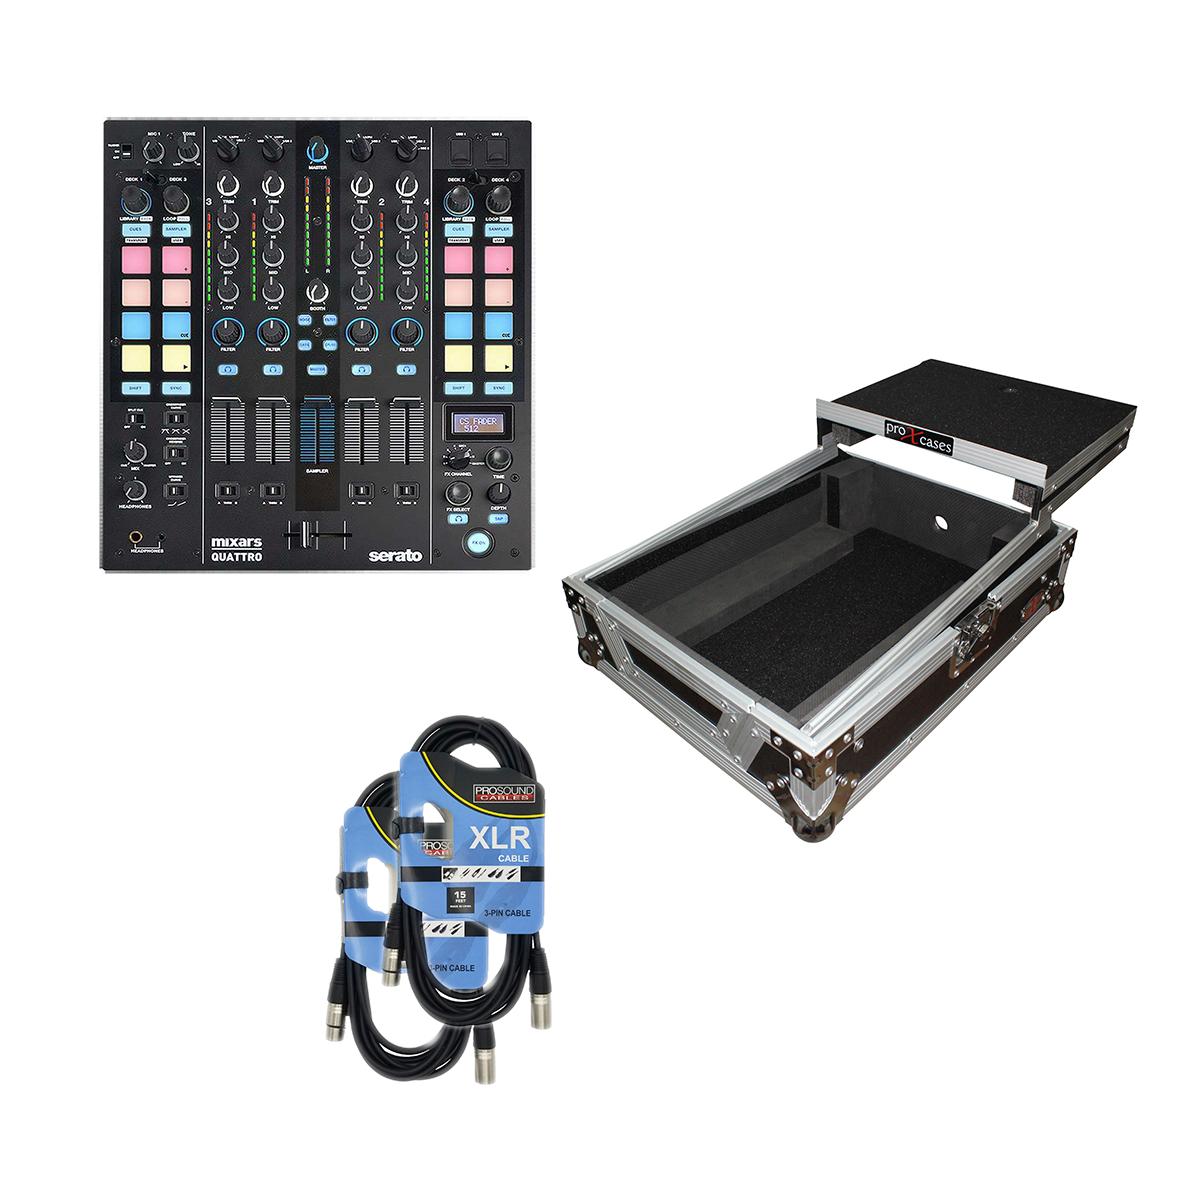 -1 Mixars QUATTRO - Prox XS-M12LT - 2 XLR Cables - $729.99